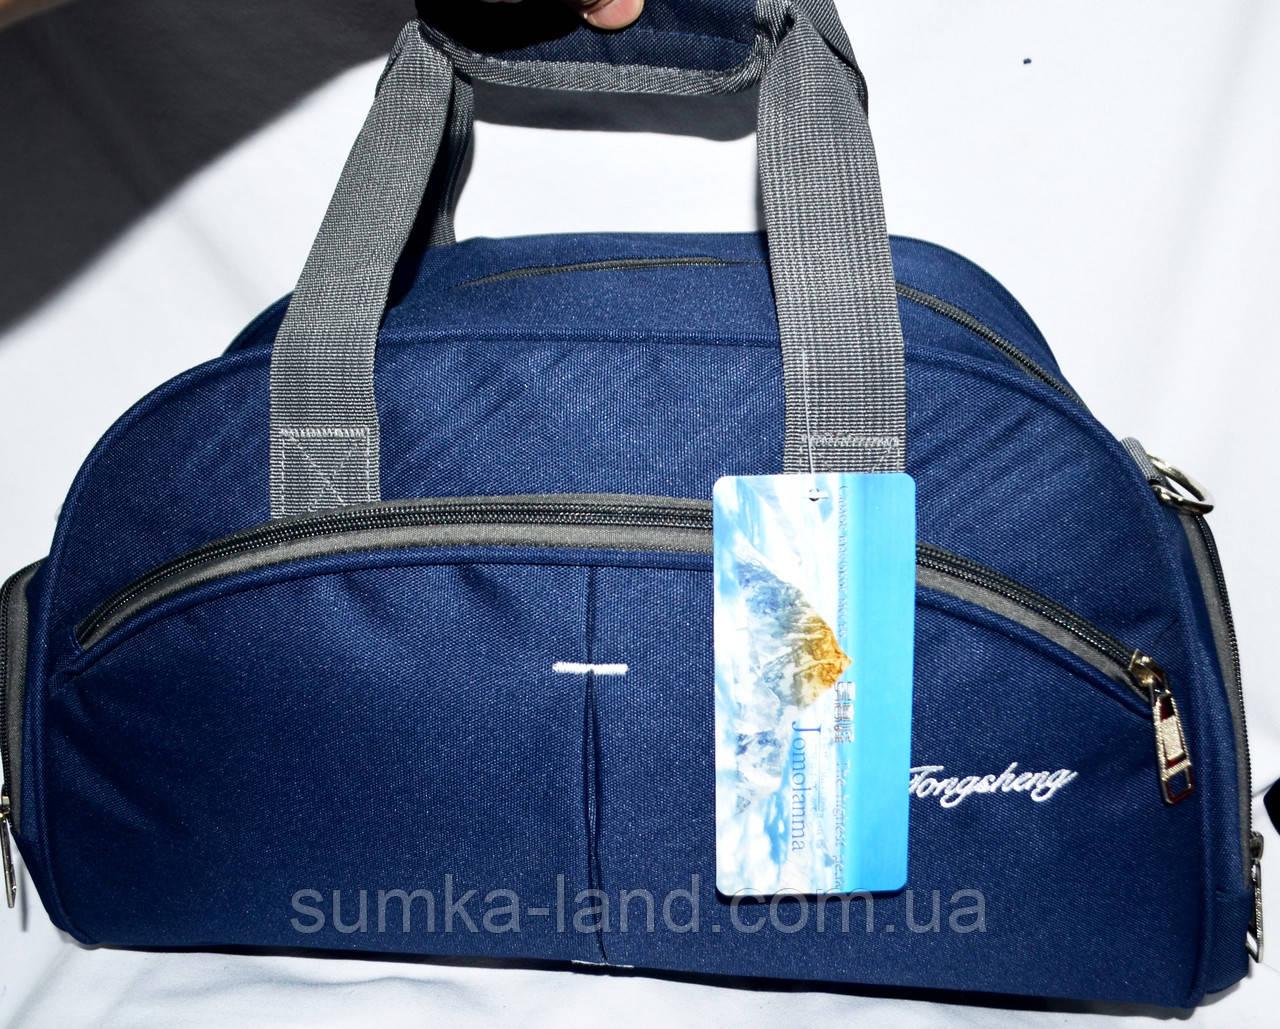 Женская дорожная и городская синяя сумка 45*25 см